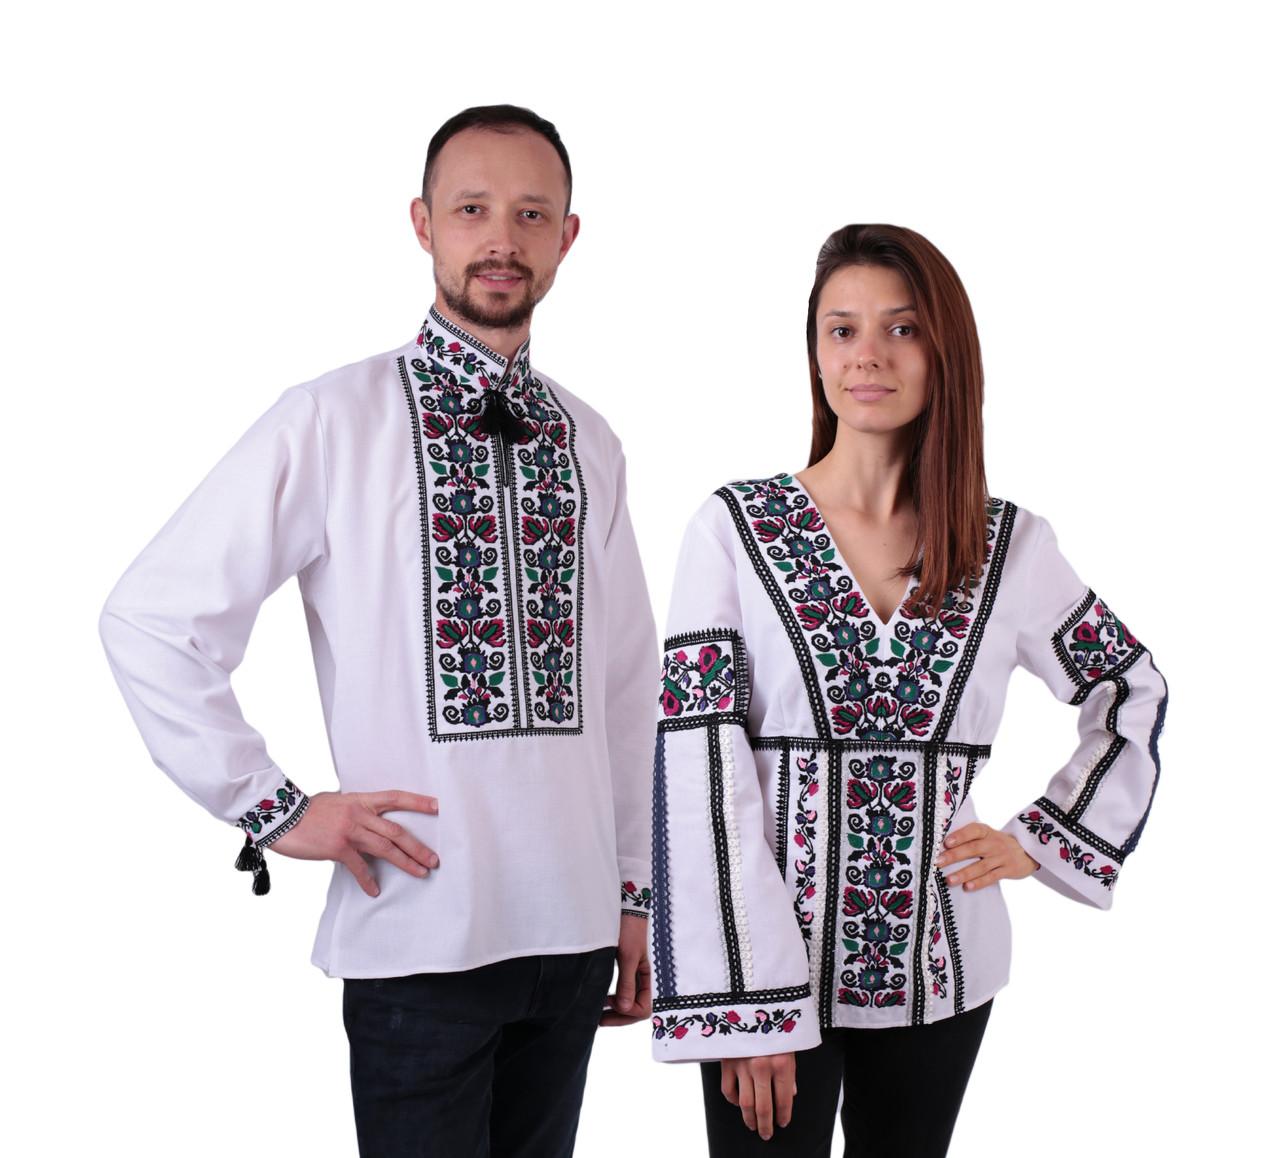 Пара вишиванок білого кольору з квітковим кольоровим орнаментом з машинною вишивкою